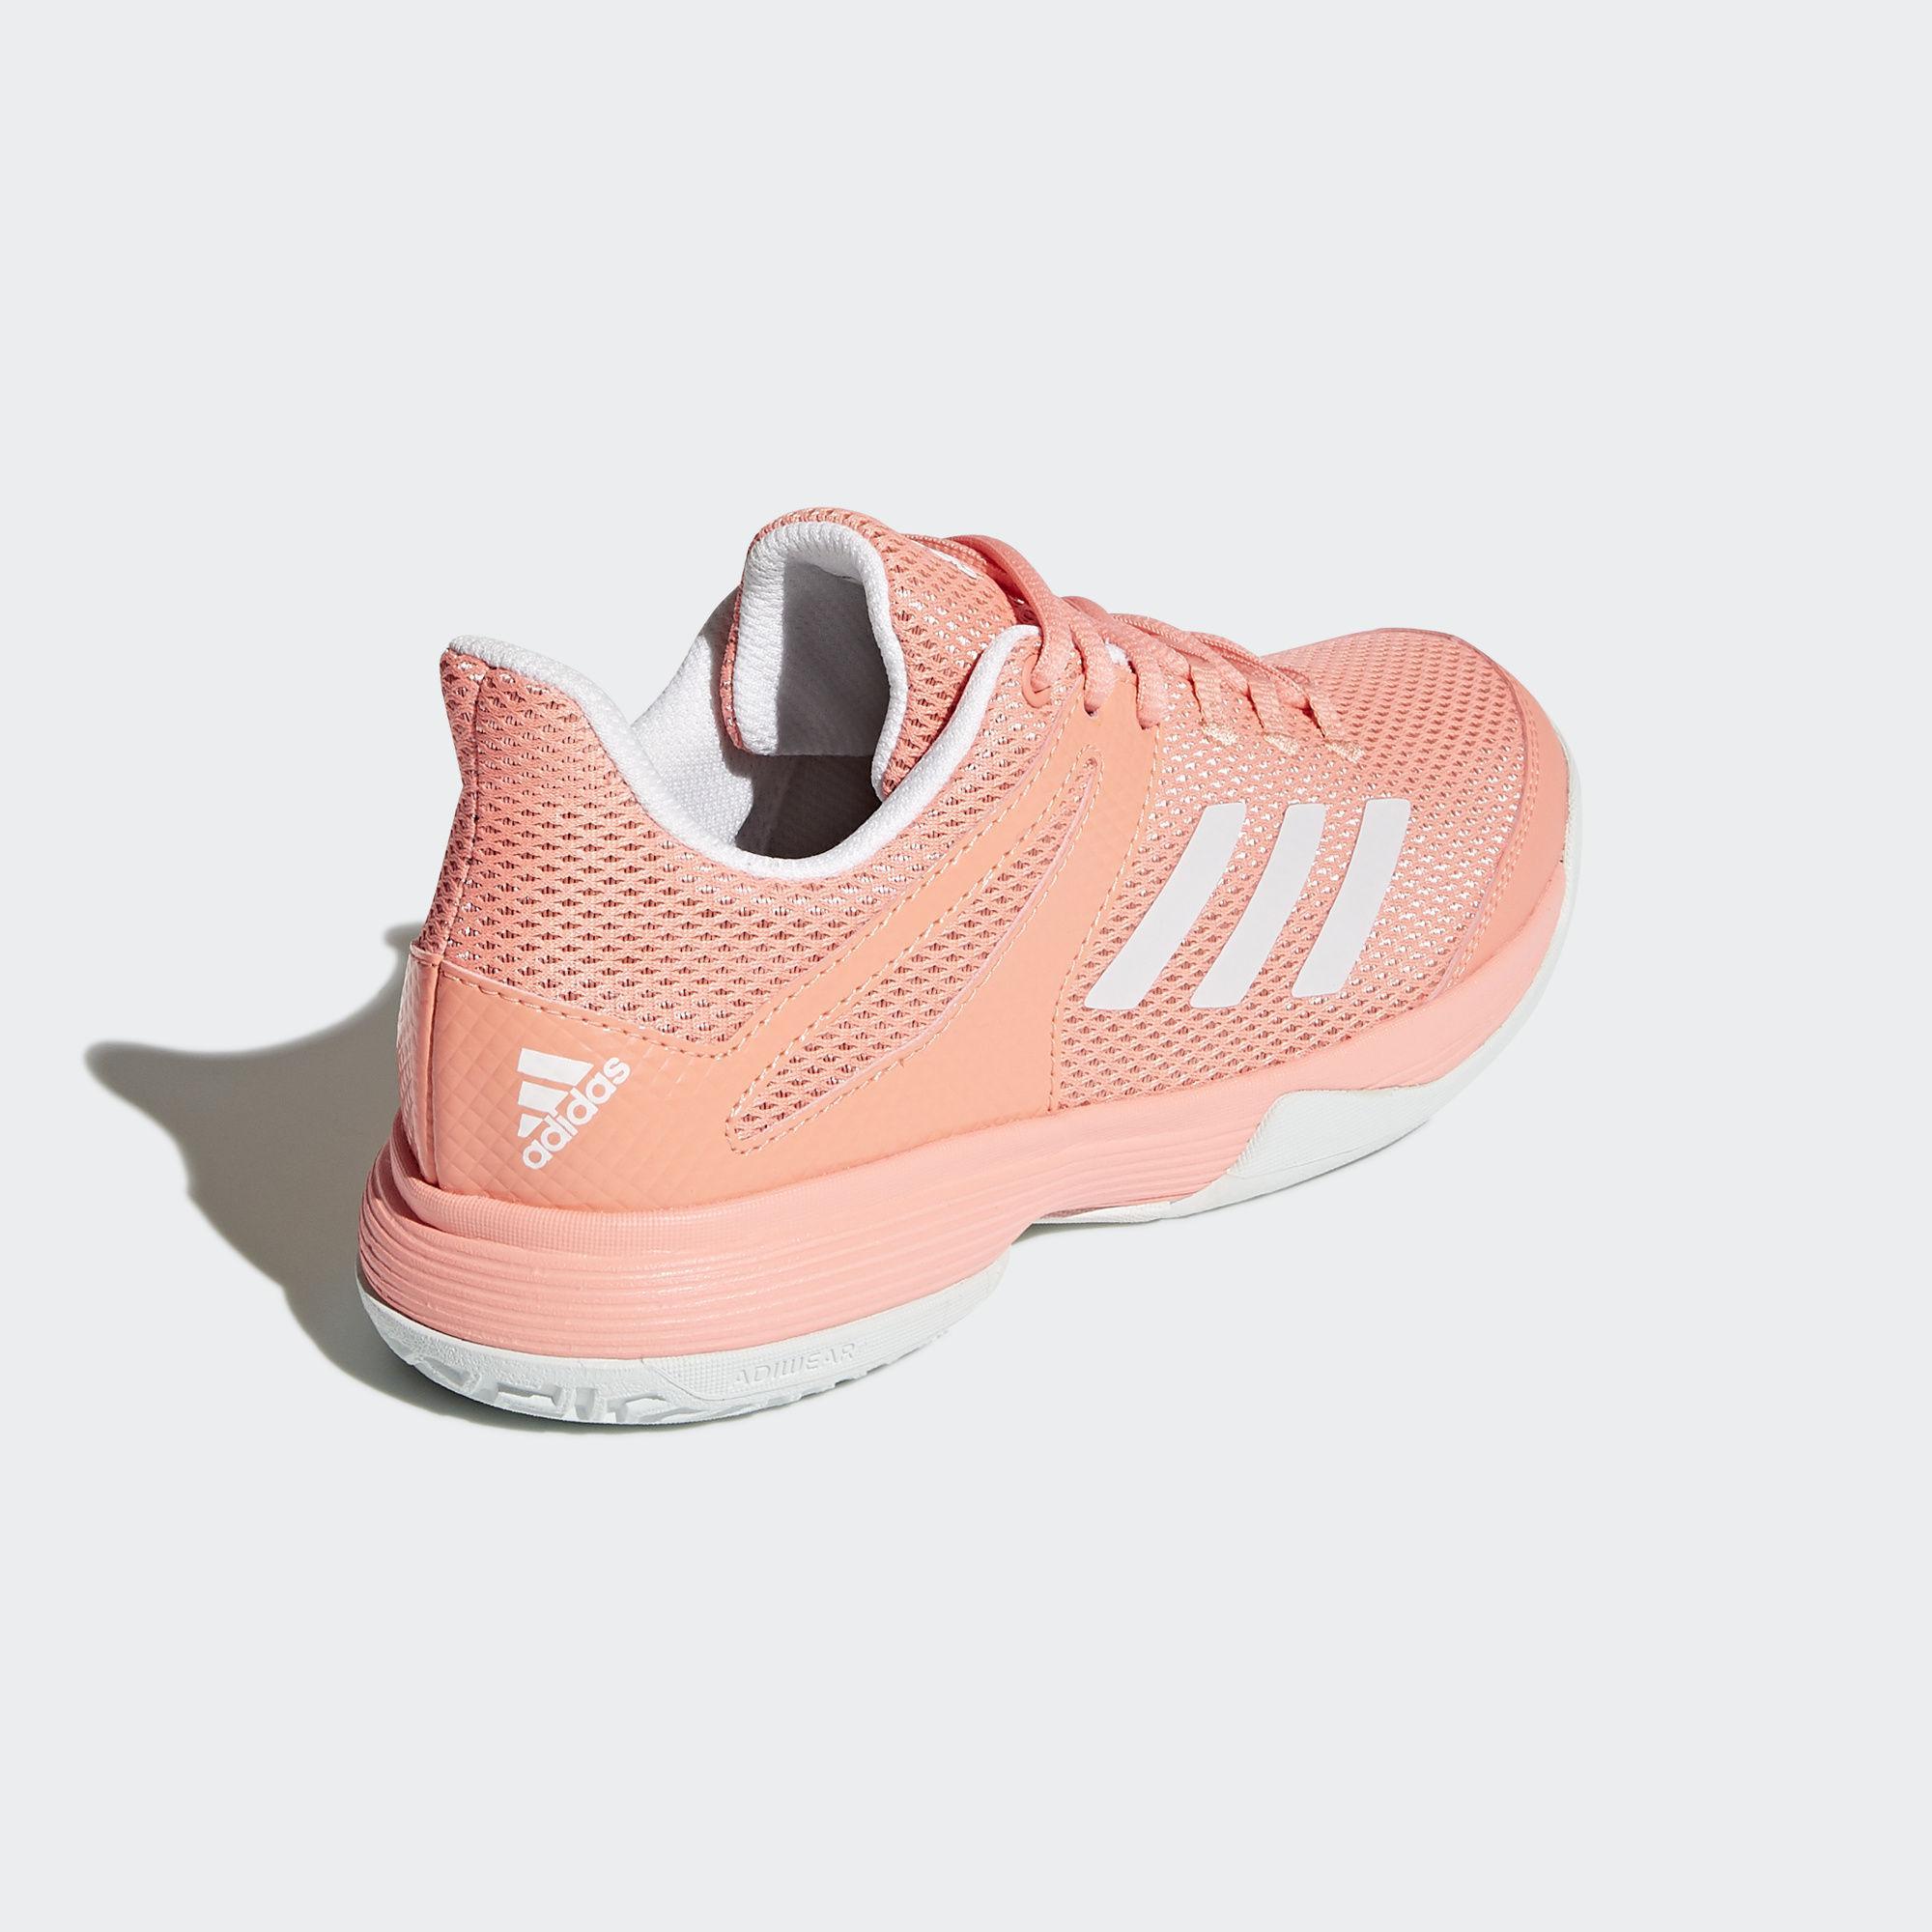 Adidas Kids Adizero Club Tennis Shoes